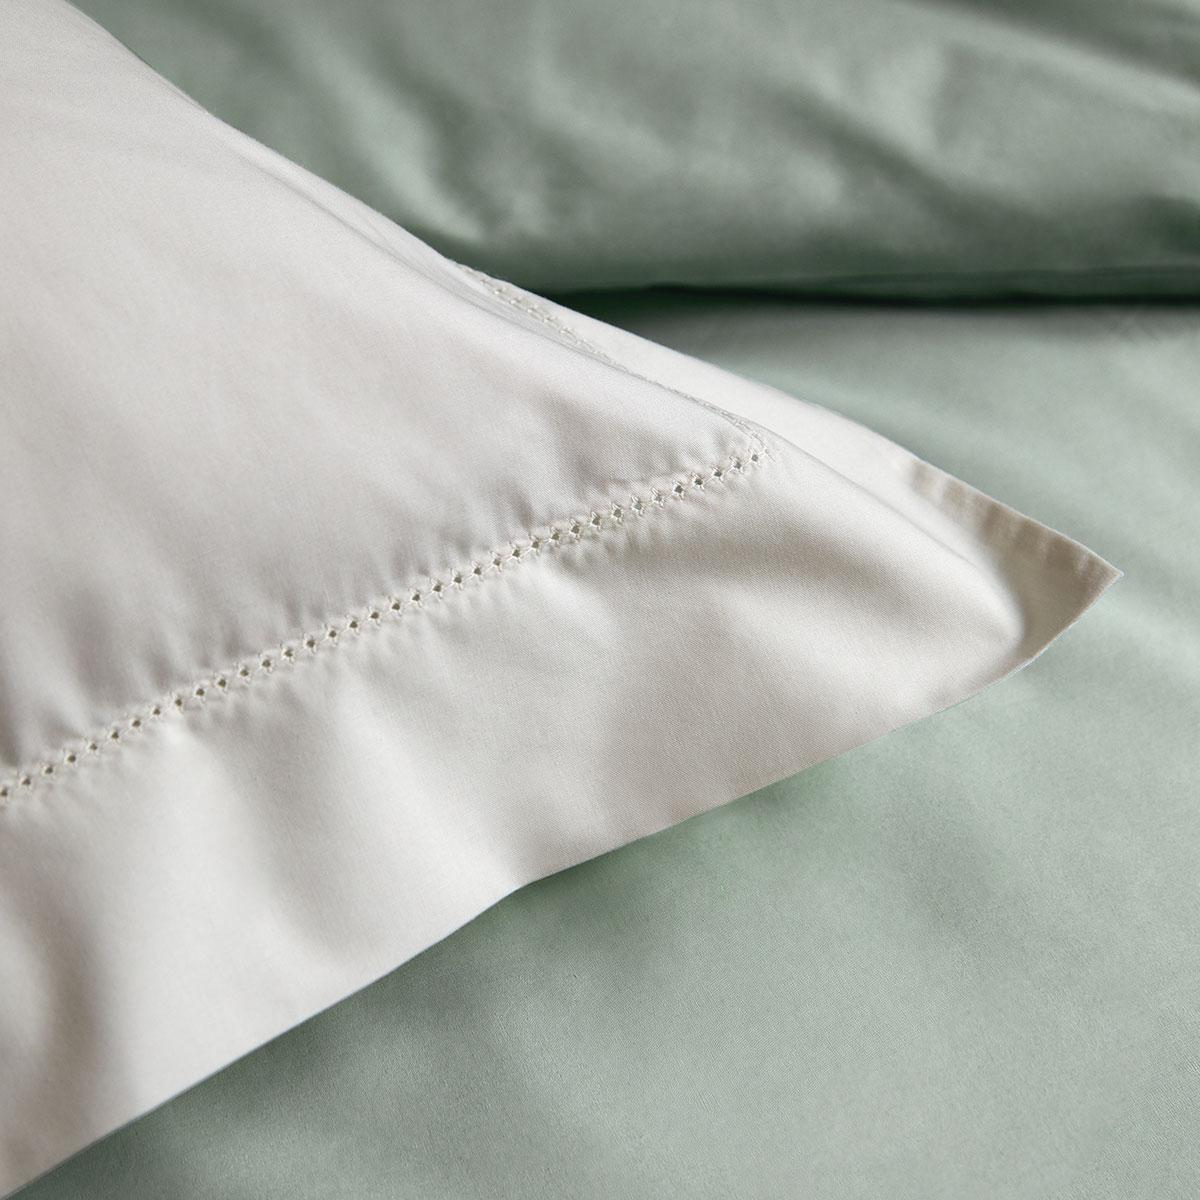 Housse de couette percale Blanc 260 x 240 cm